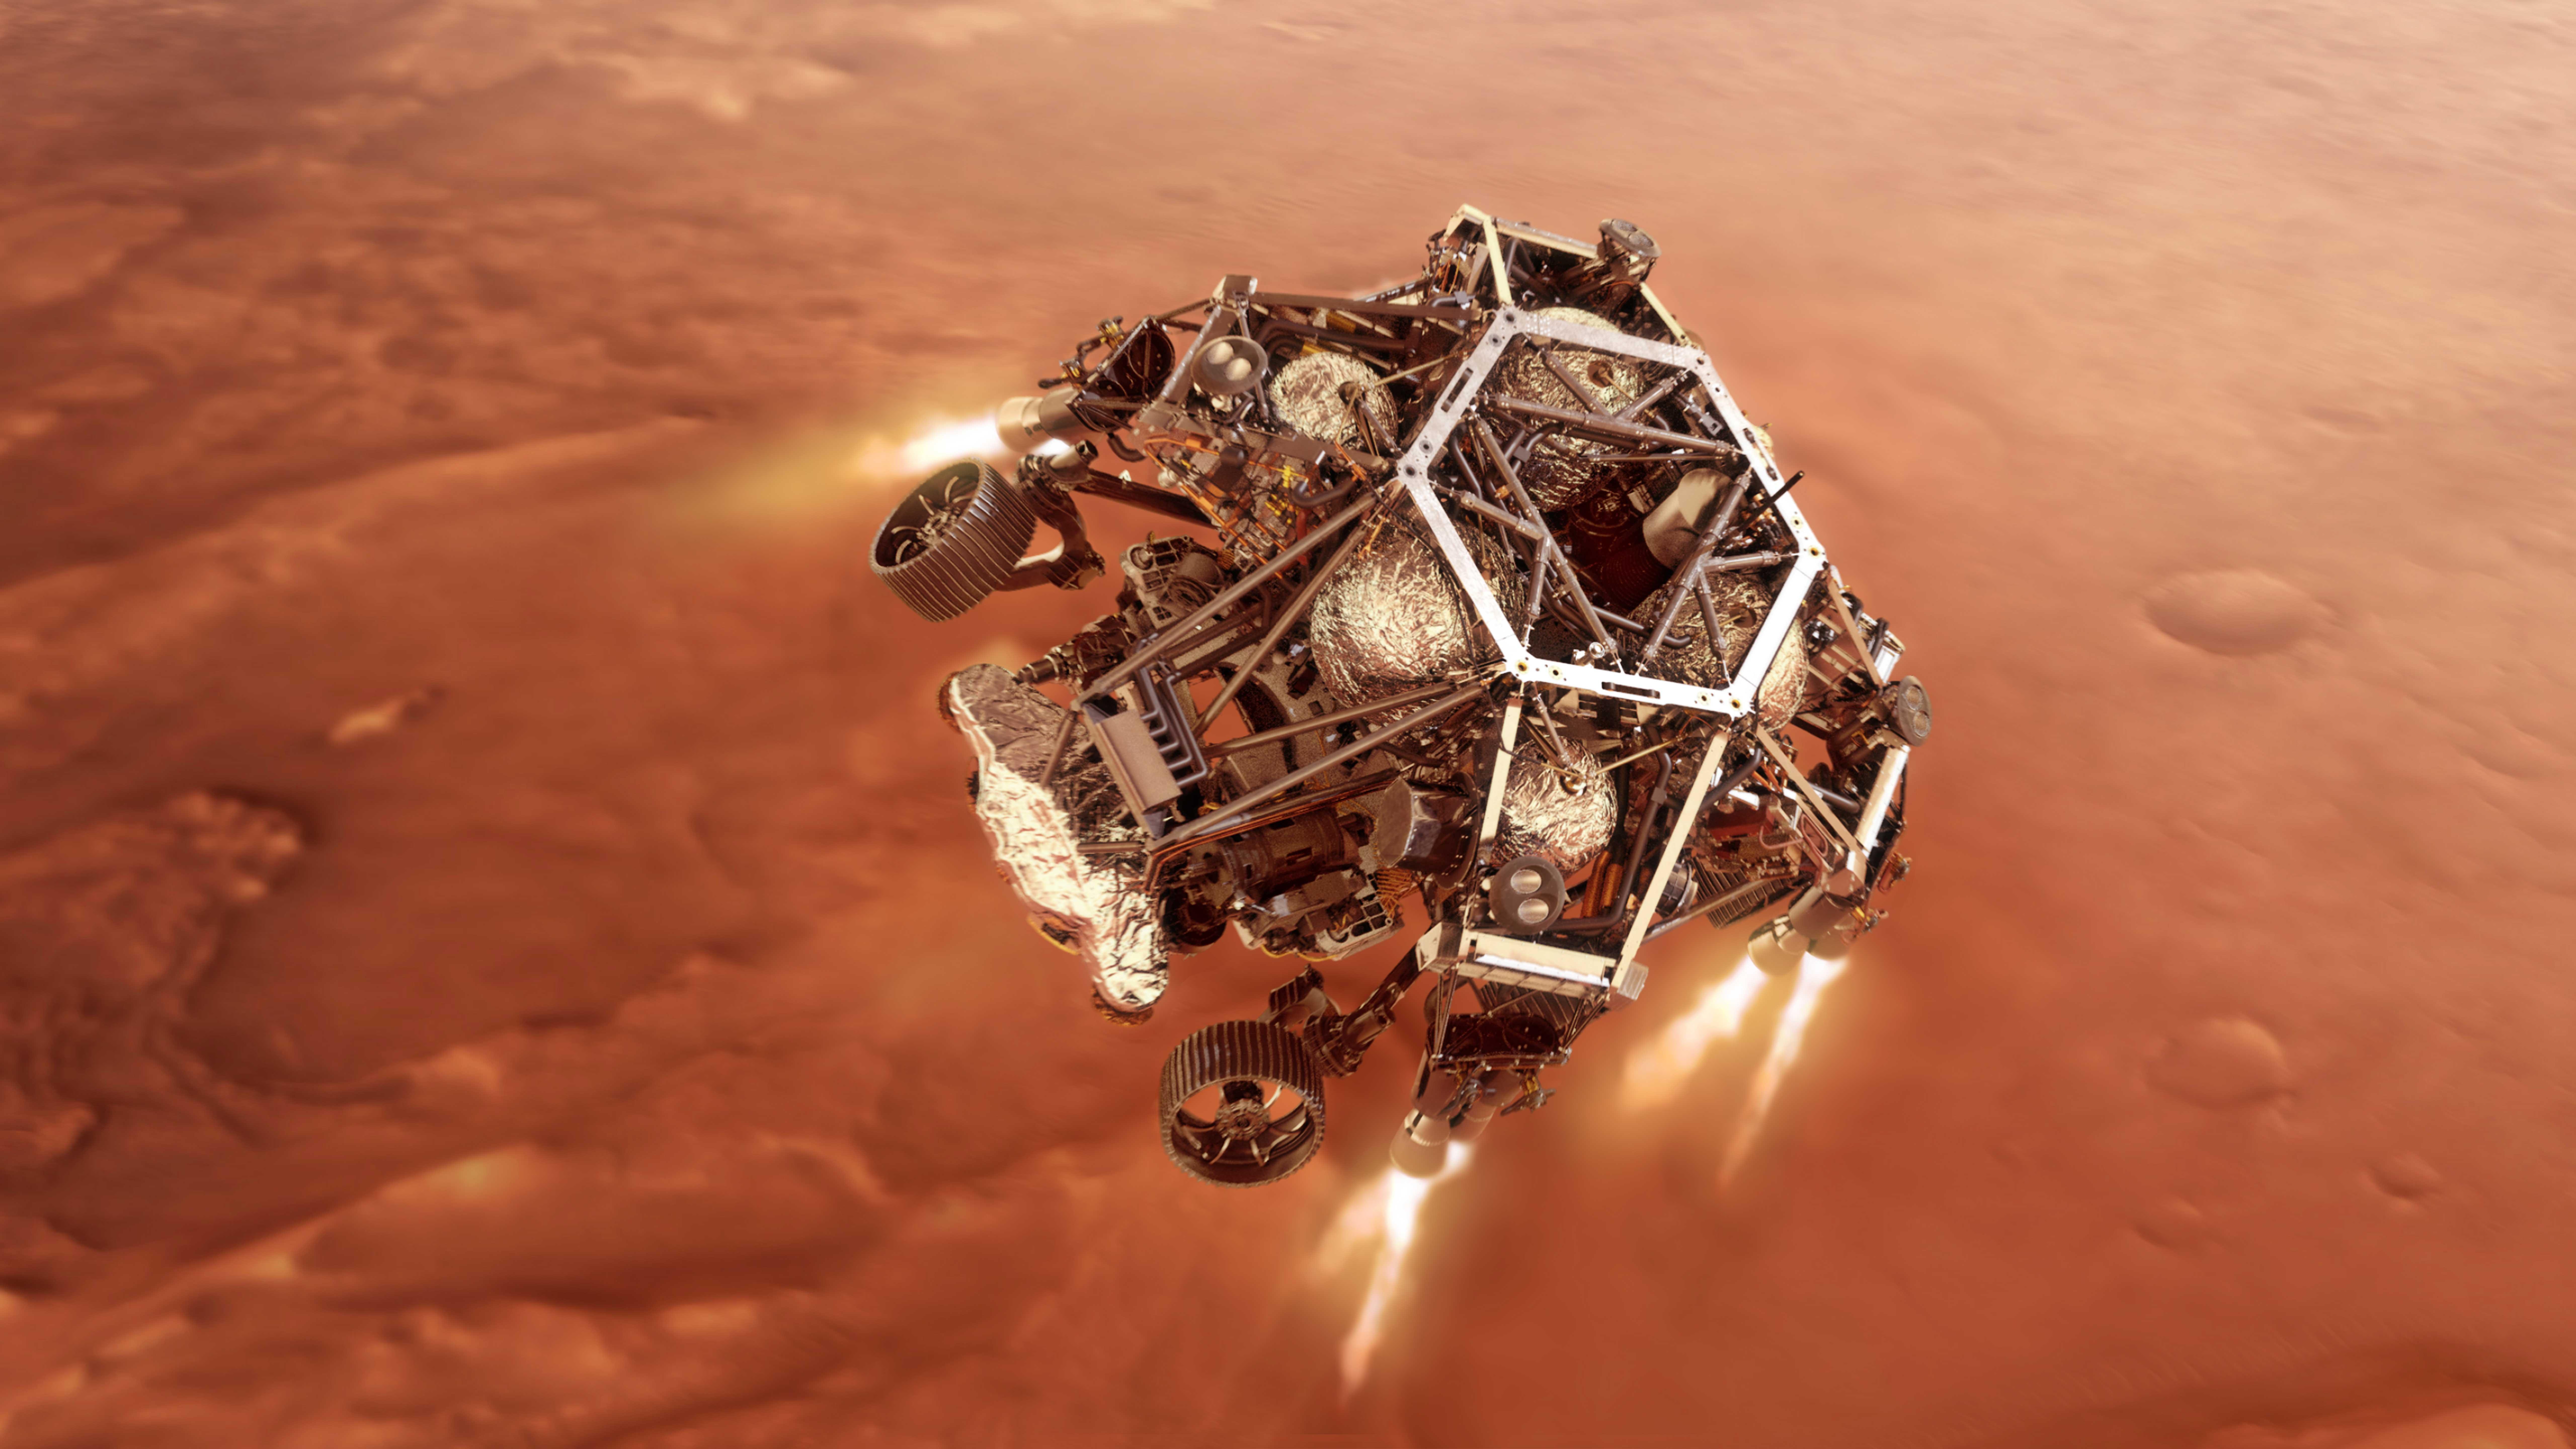 rover persévérance mars